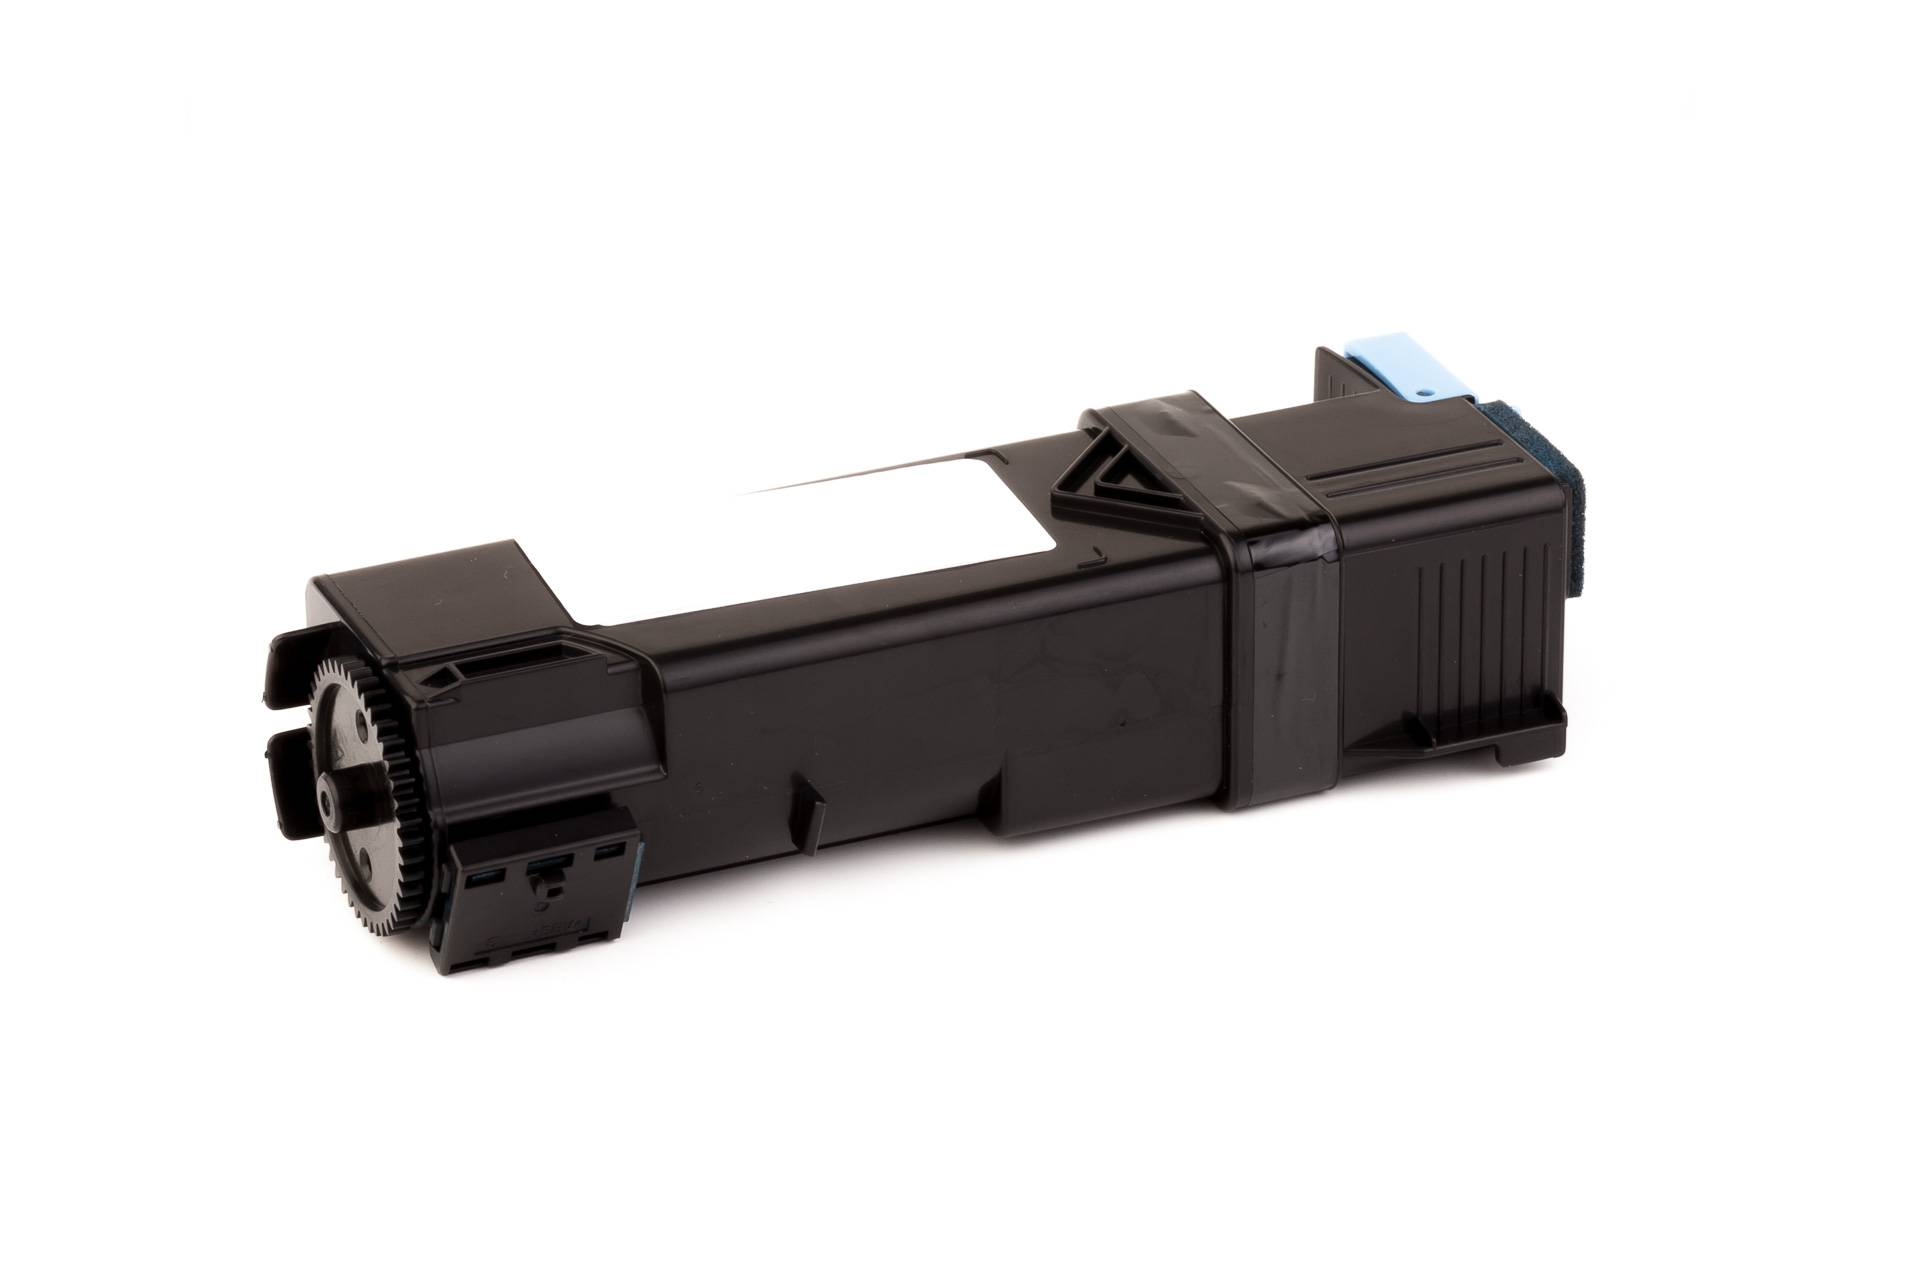 Dell Cartouche de Toner pour Dell 59310259 / KU051 cyan compatible (de marque ASC)